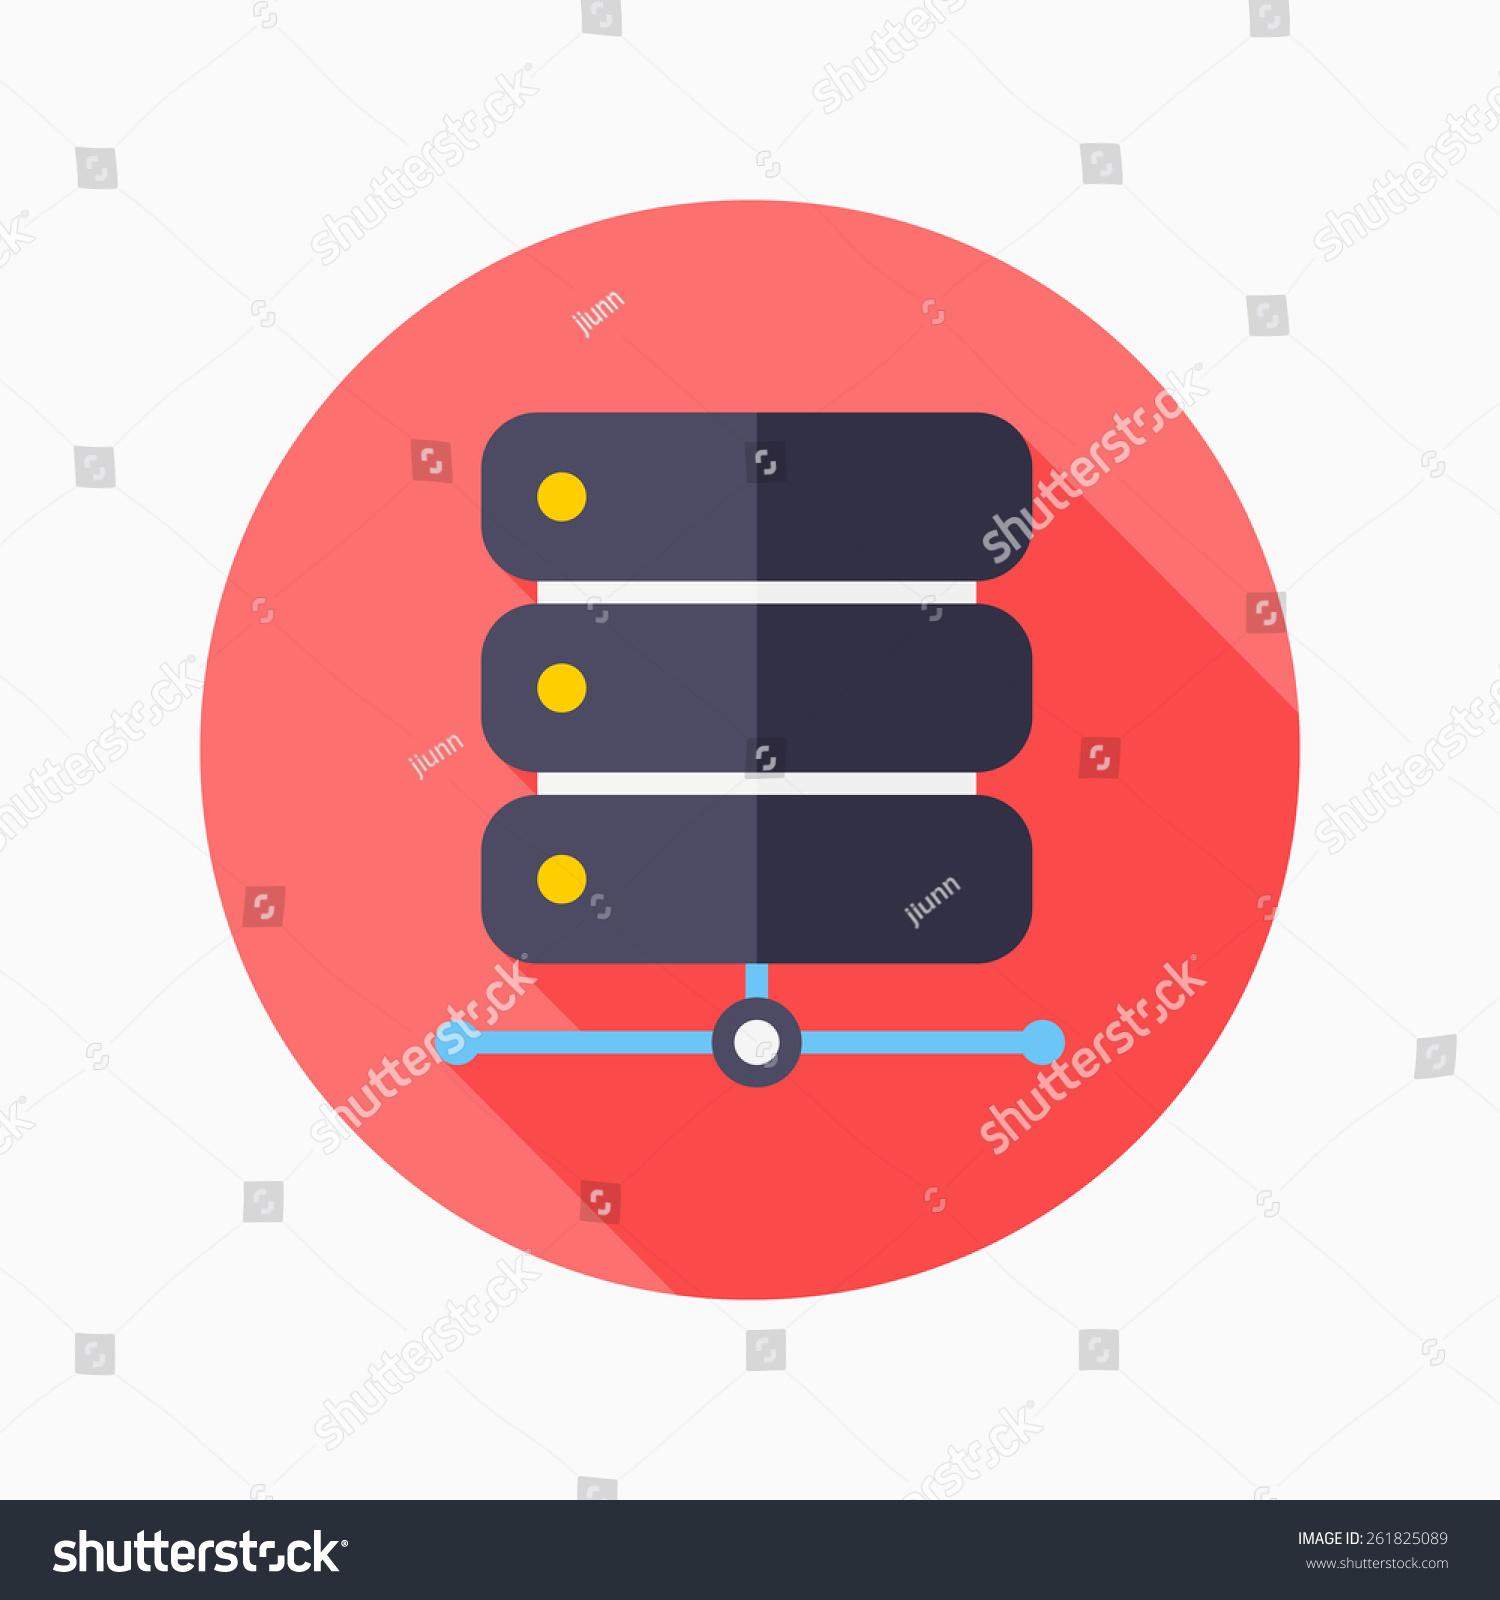 数据库平图标与长长的阴影在蓝色圈背景,向量插图,eps图片